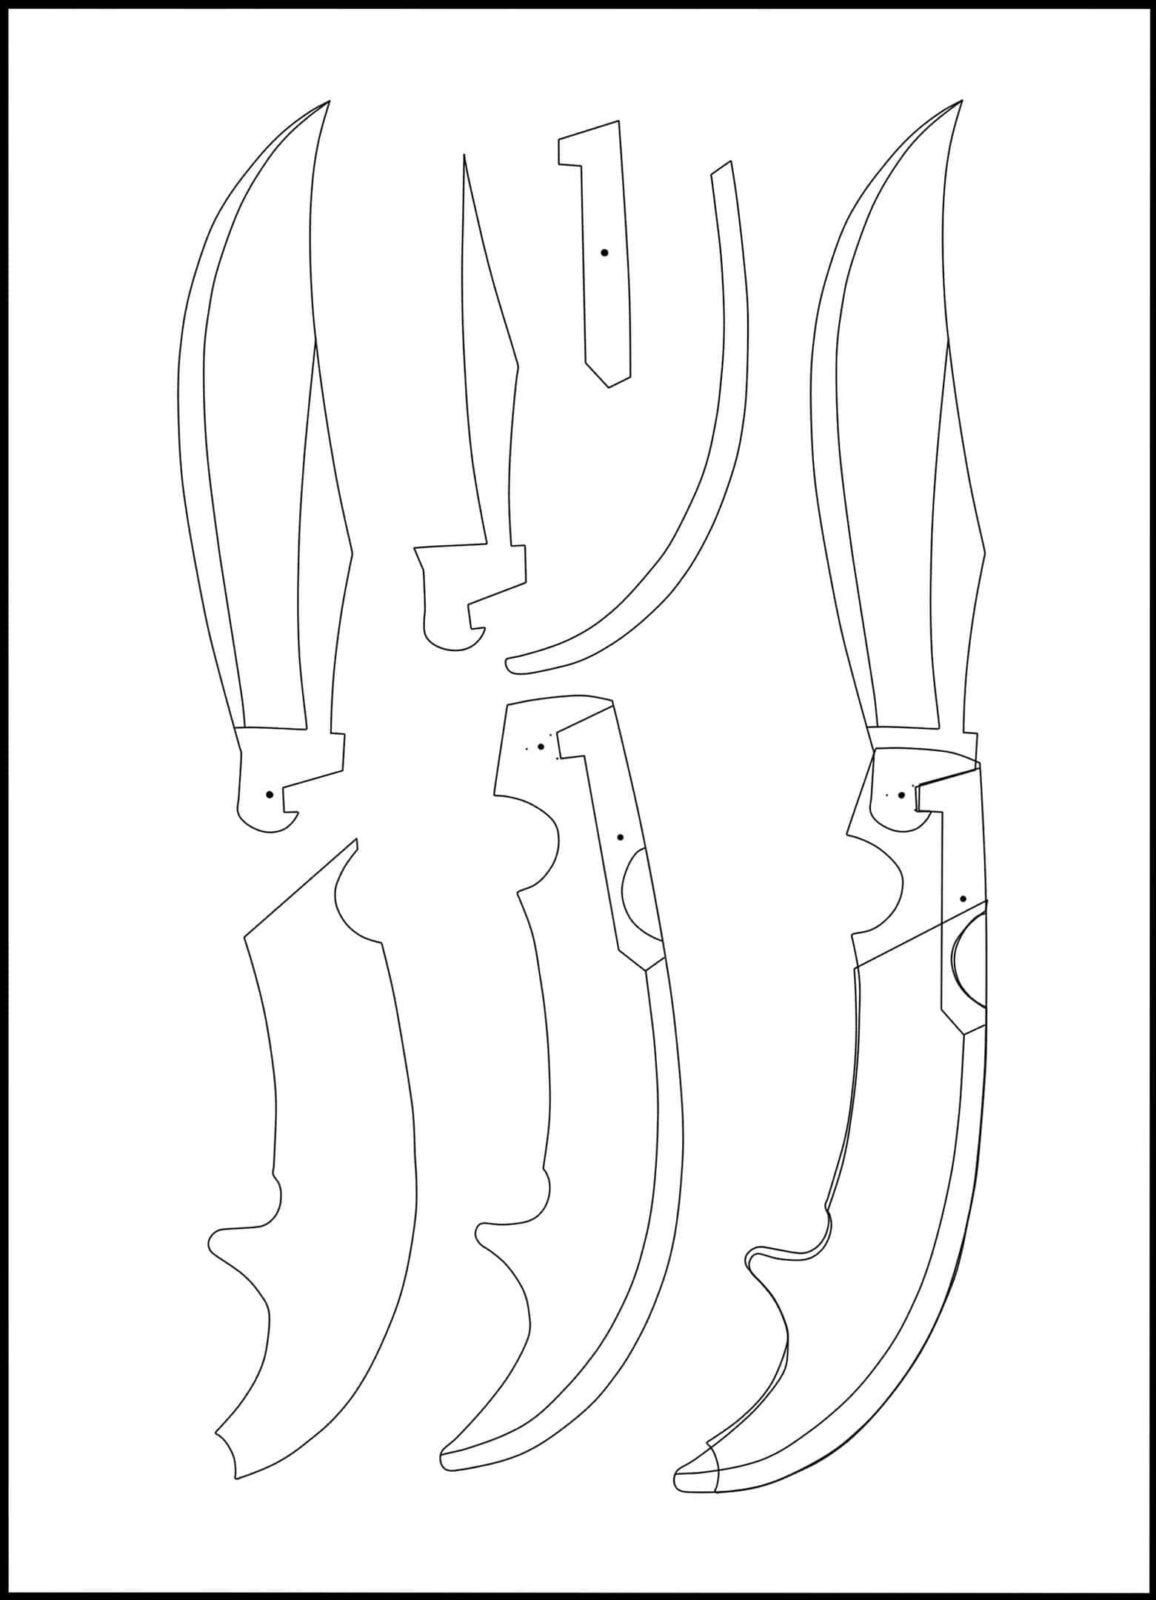 суны картинки ножей из кс го чертеж на белом фоне этой проблемой